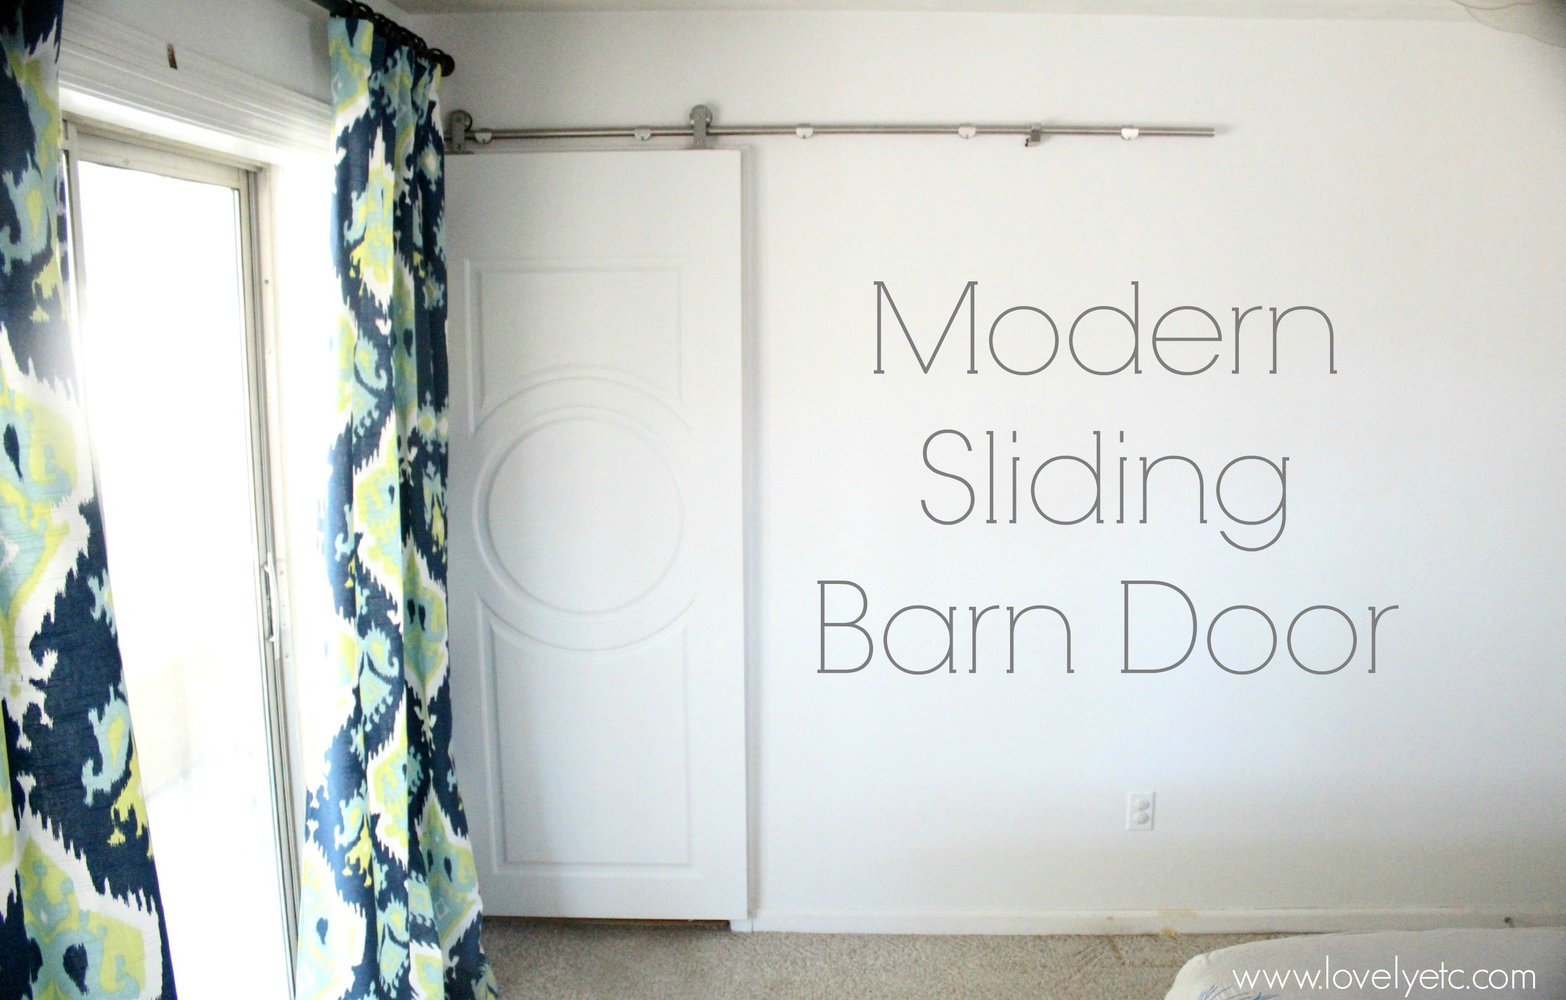 Our modern sliding barn door